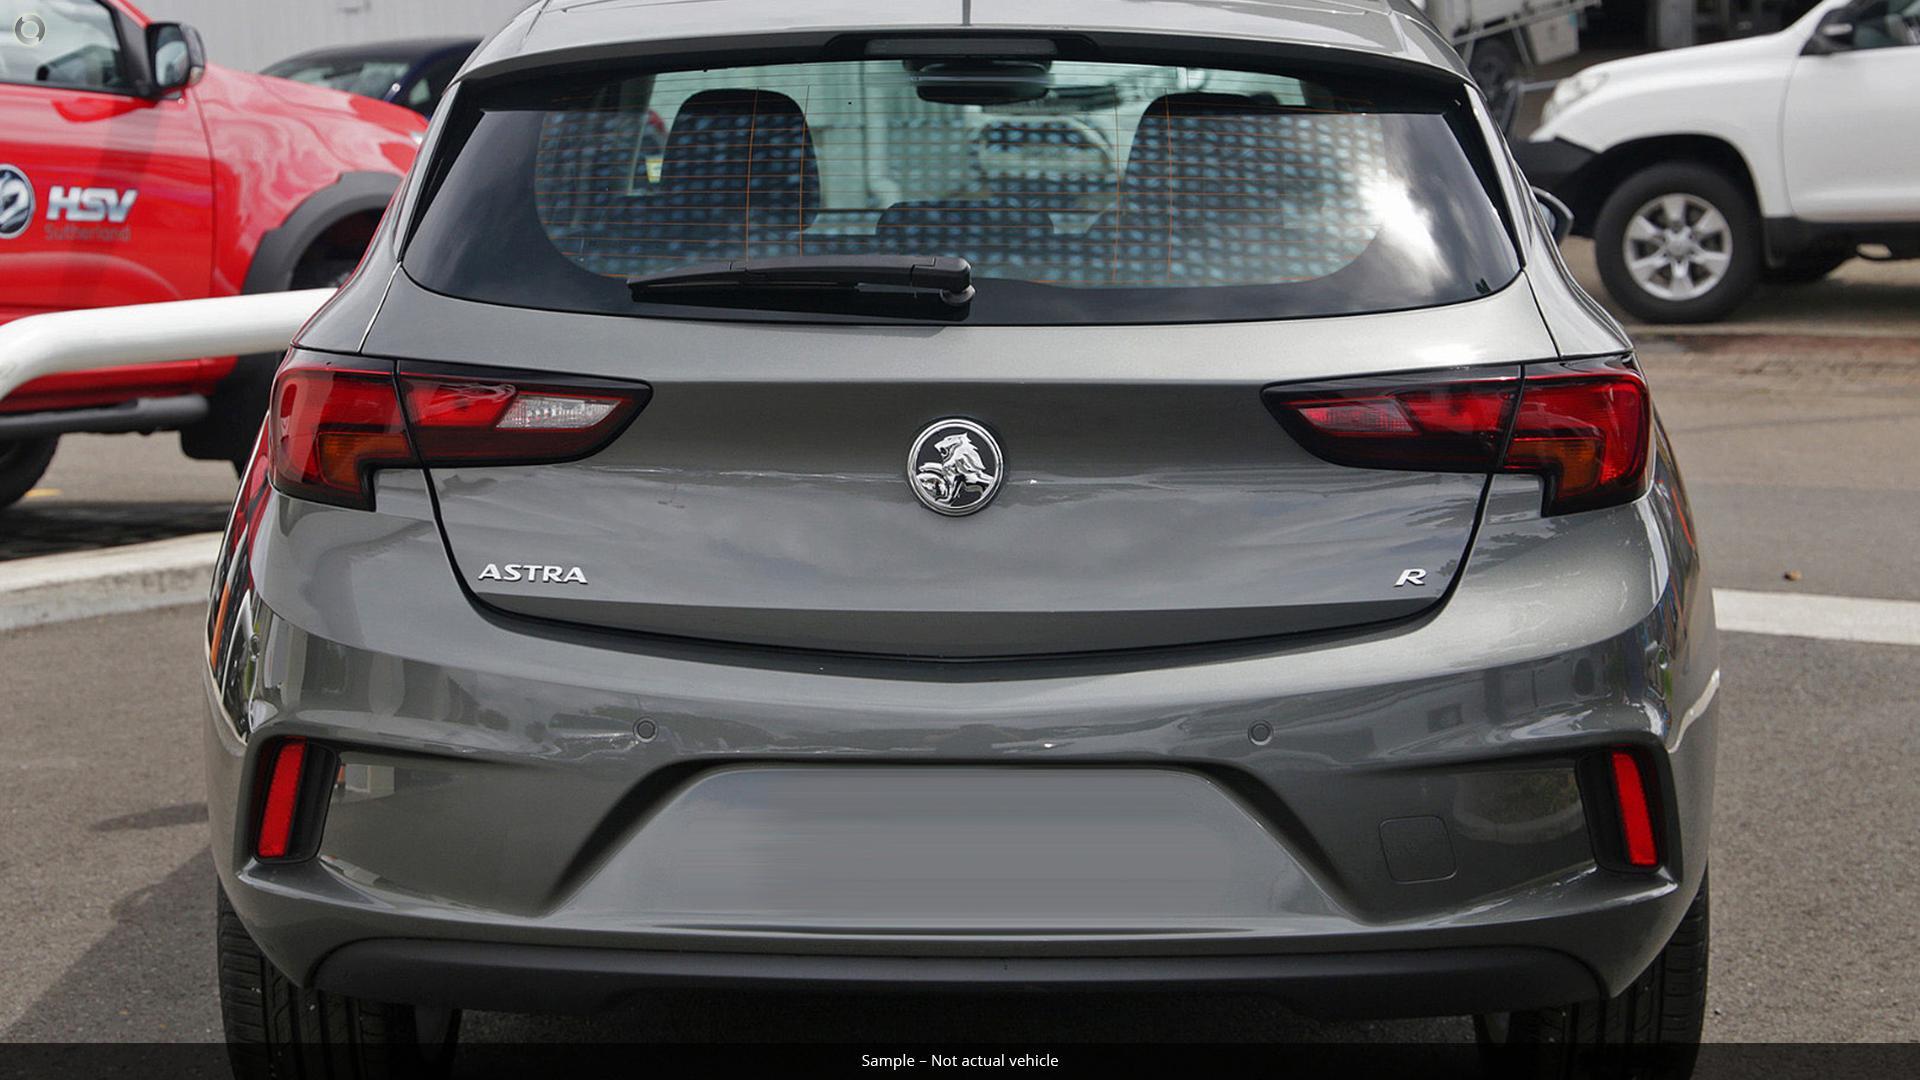 2019 Holden Astra R BK